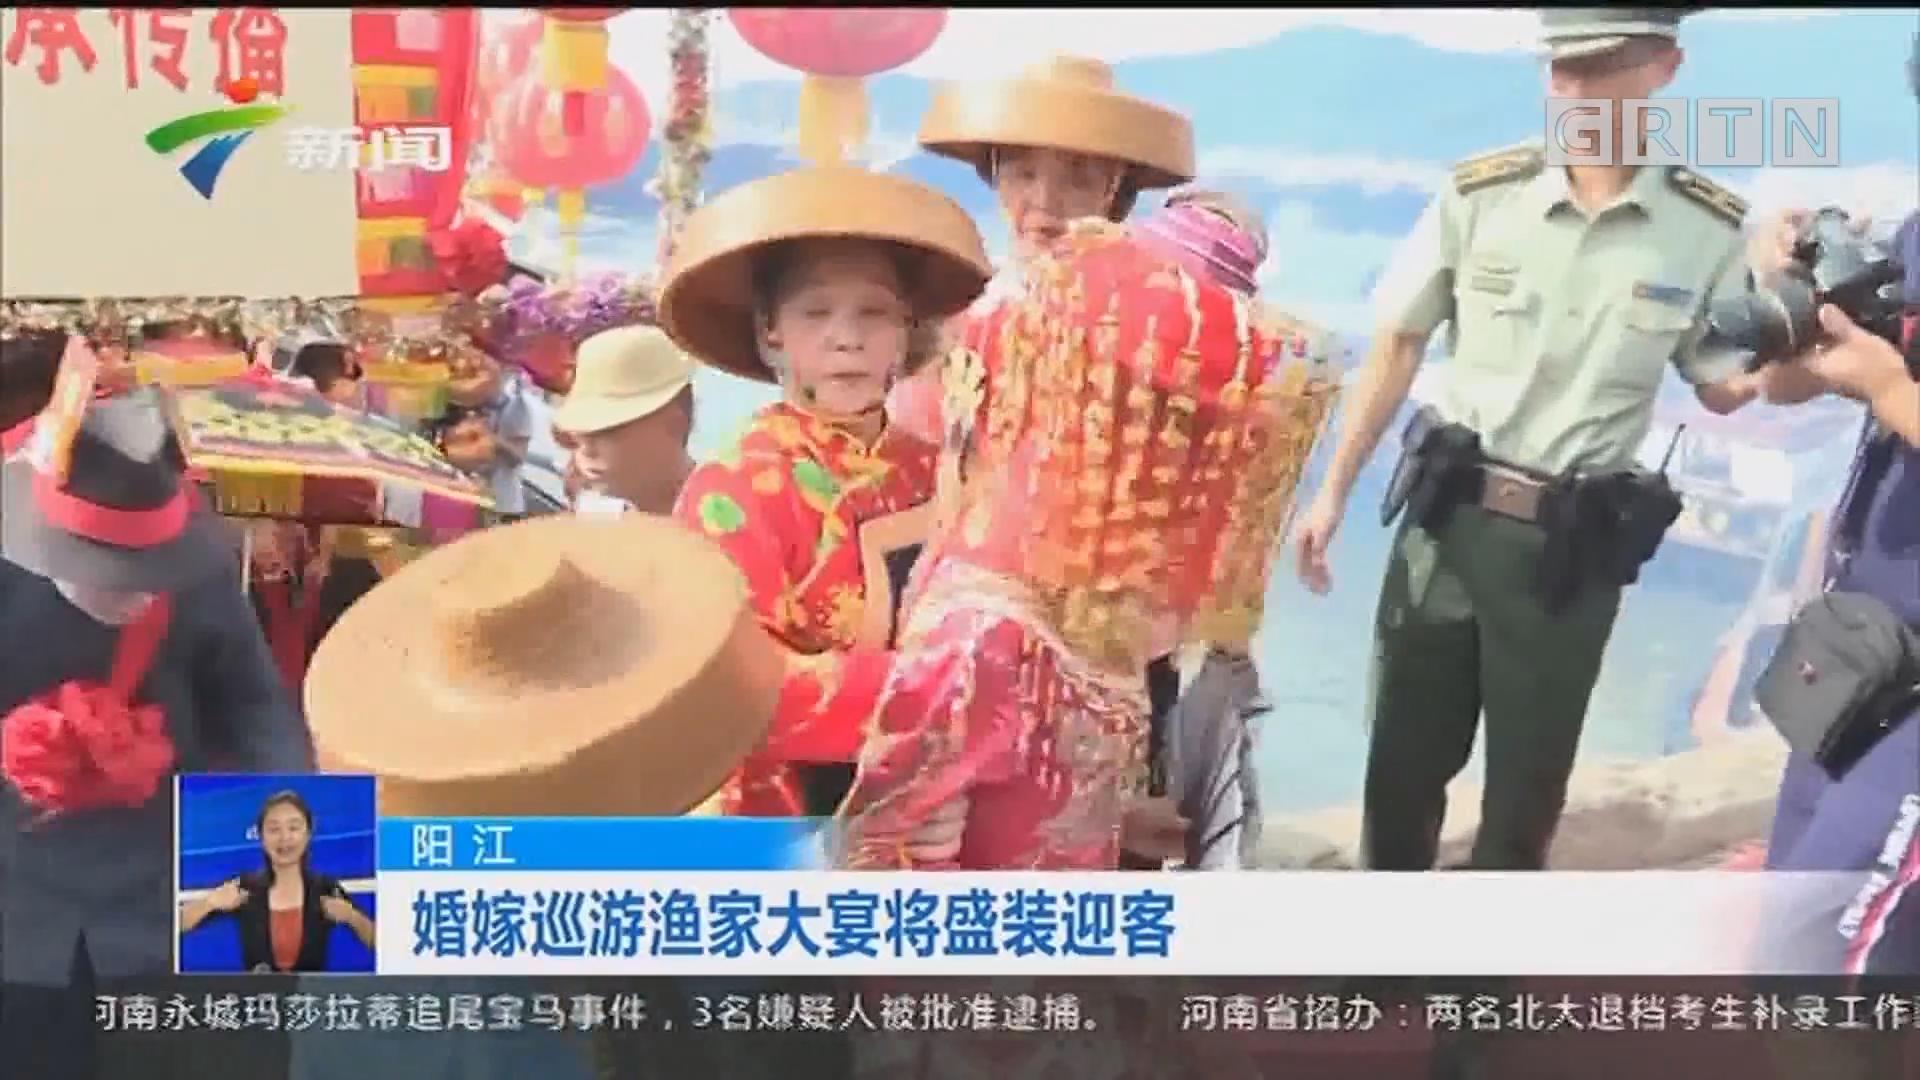 阳江:婚嫁巡游渔家大宴将盛装迎客